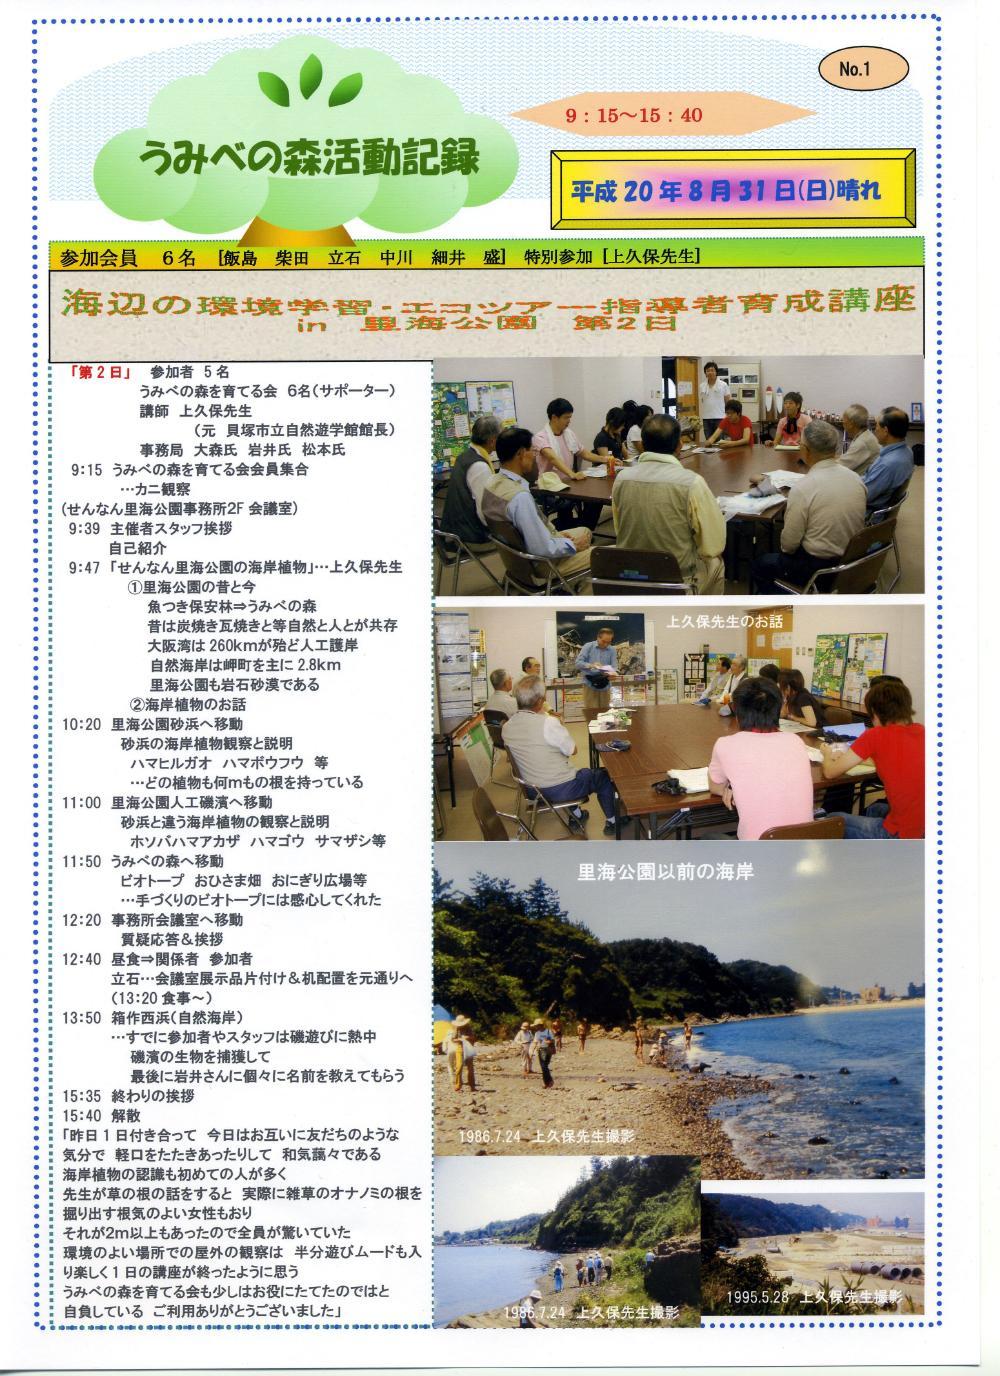 海辺の環境学習・エコツアー指導者育成講座サポート第2日_c0108460_0435978.jpg